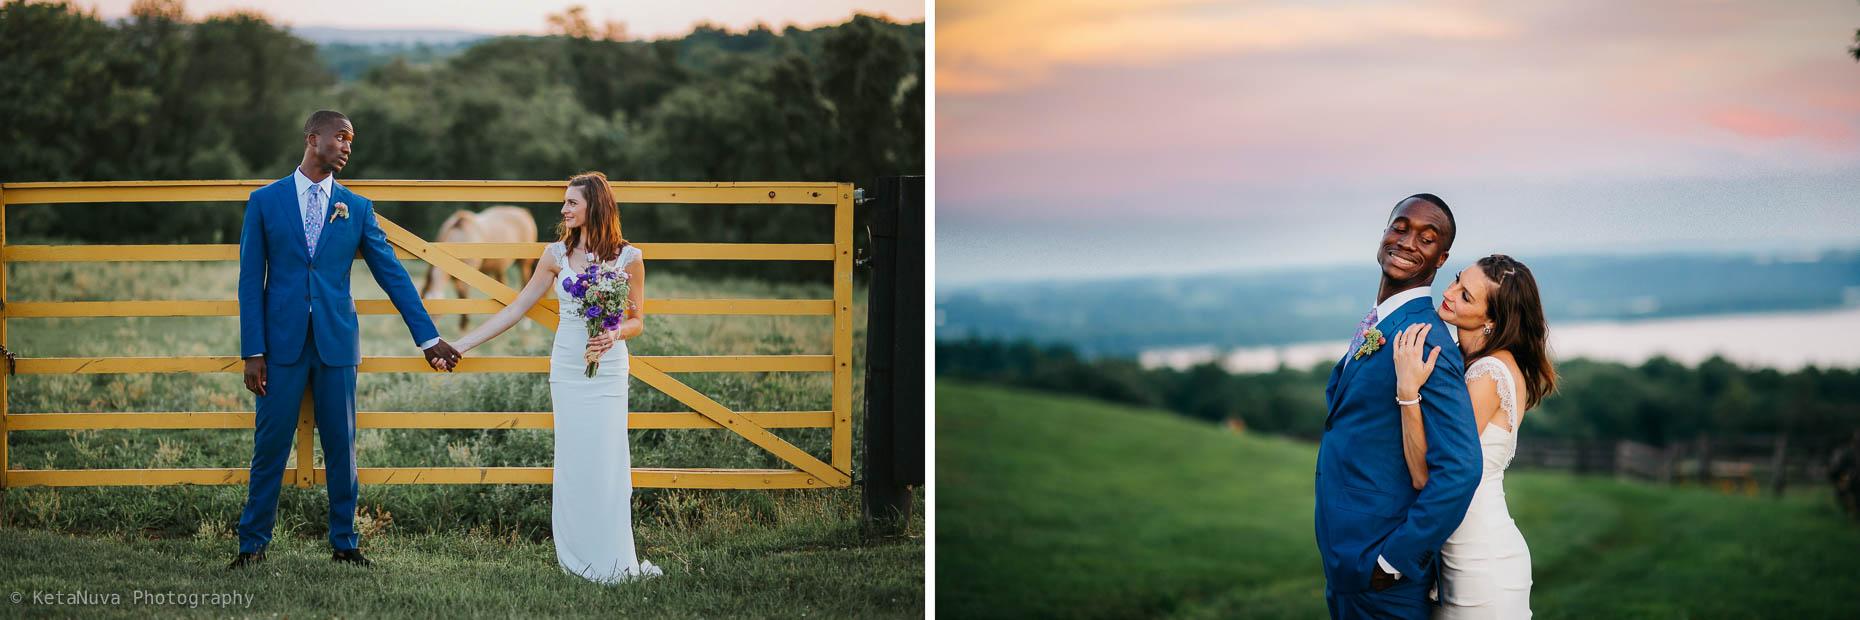 Sunken Garden - Lauxmont Farms Wedding | Aubrey & Barrett Lauxmont Farms Wedding Sunken Garden 008